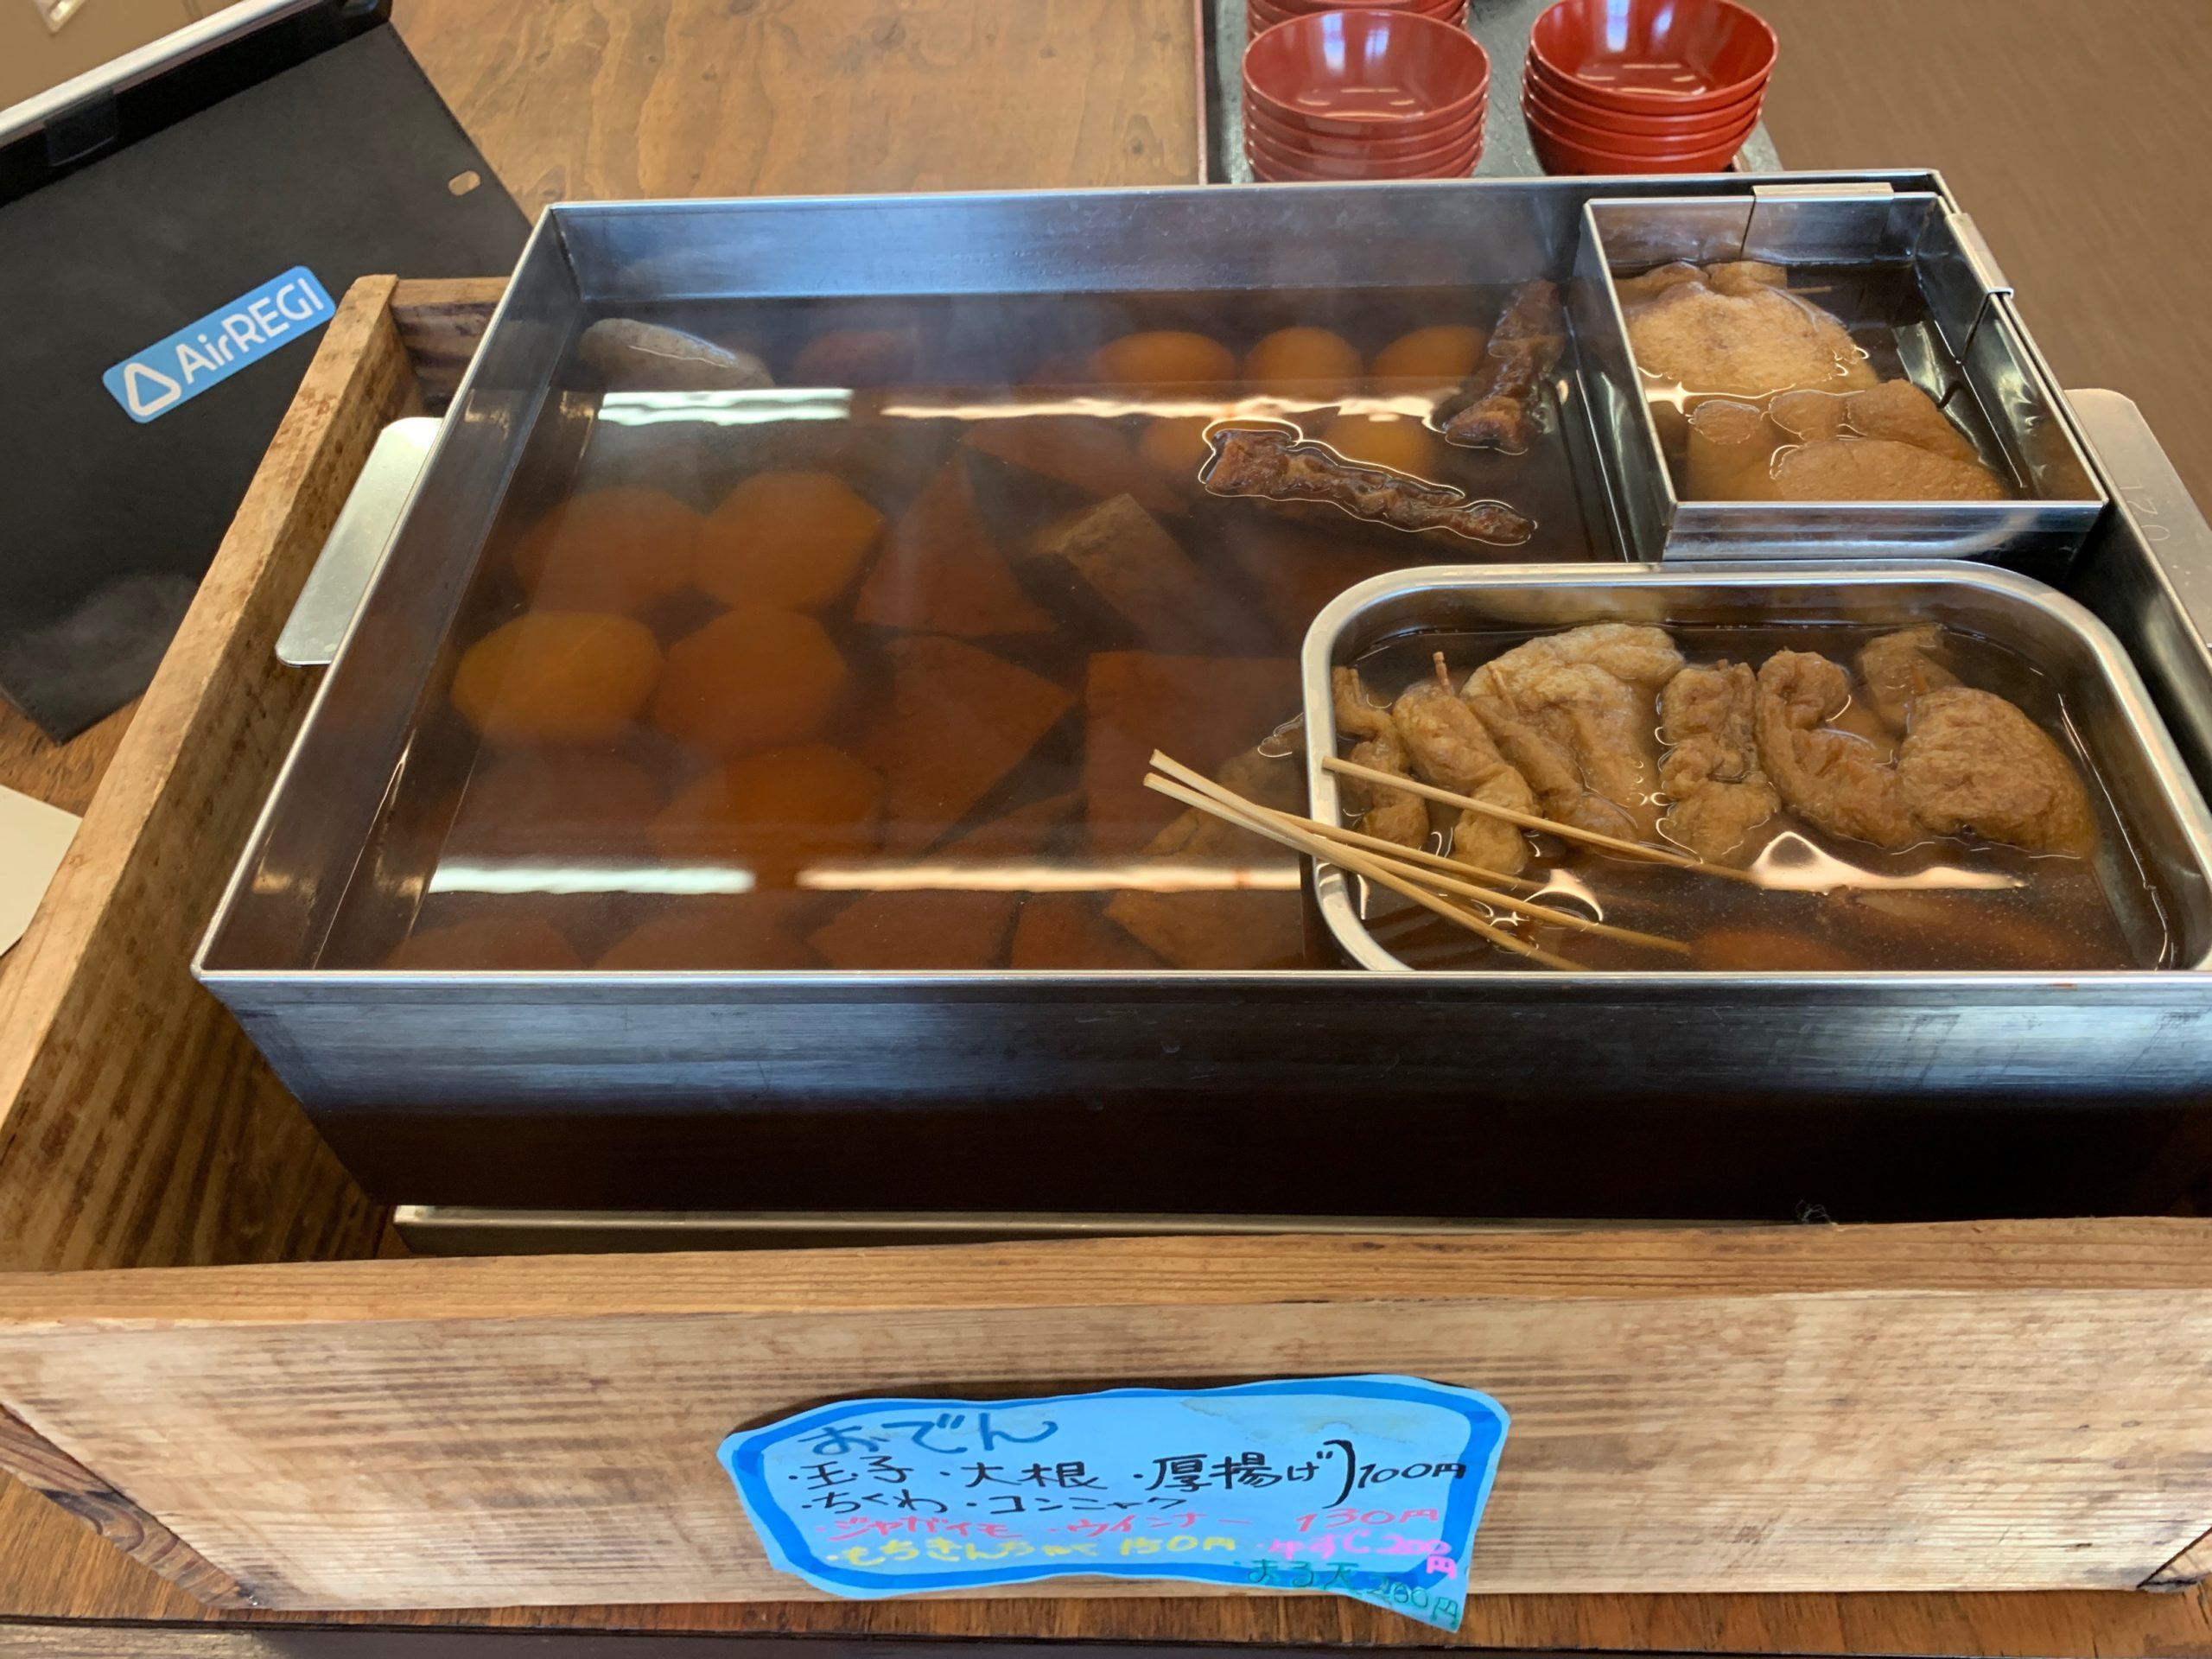 UDON'TSTOP華のおでんコーナー